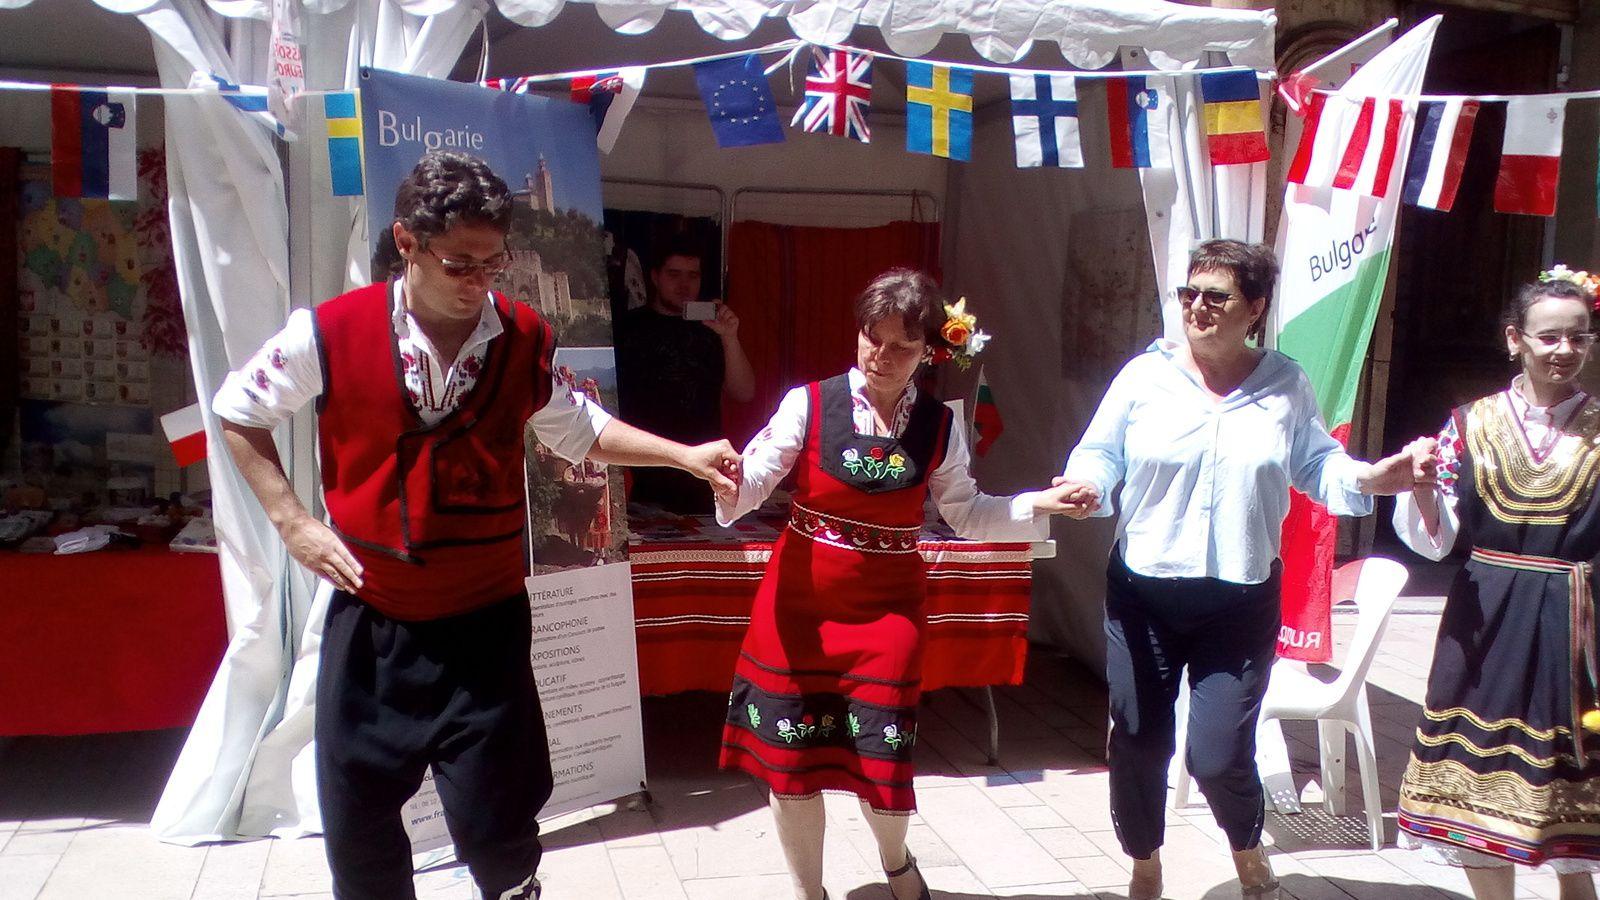 Danses bulgares devant le stand de l'association Provence Bulgarie